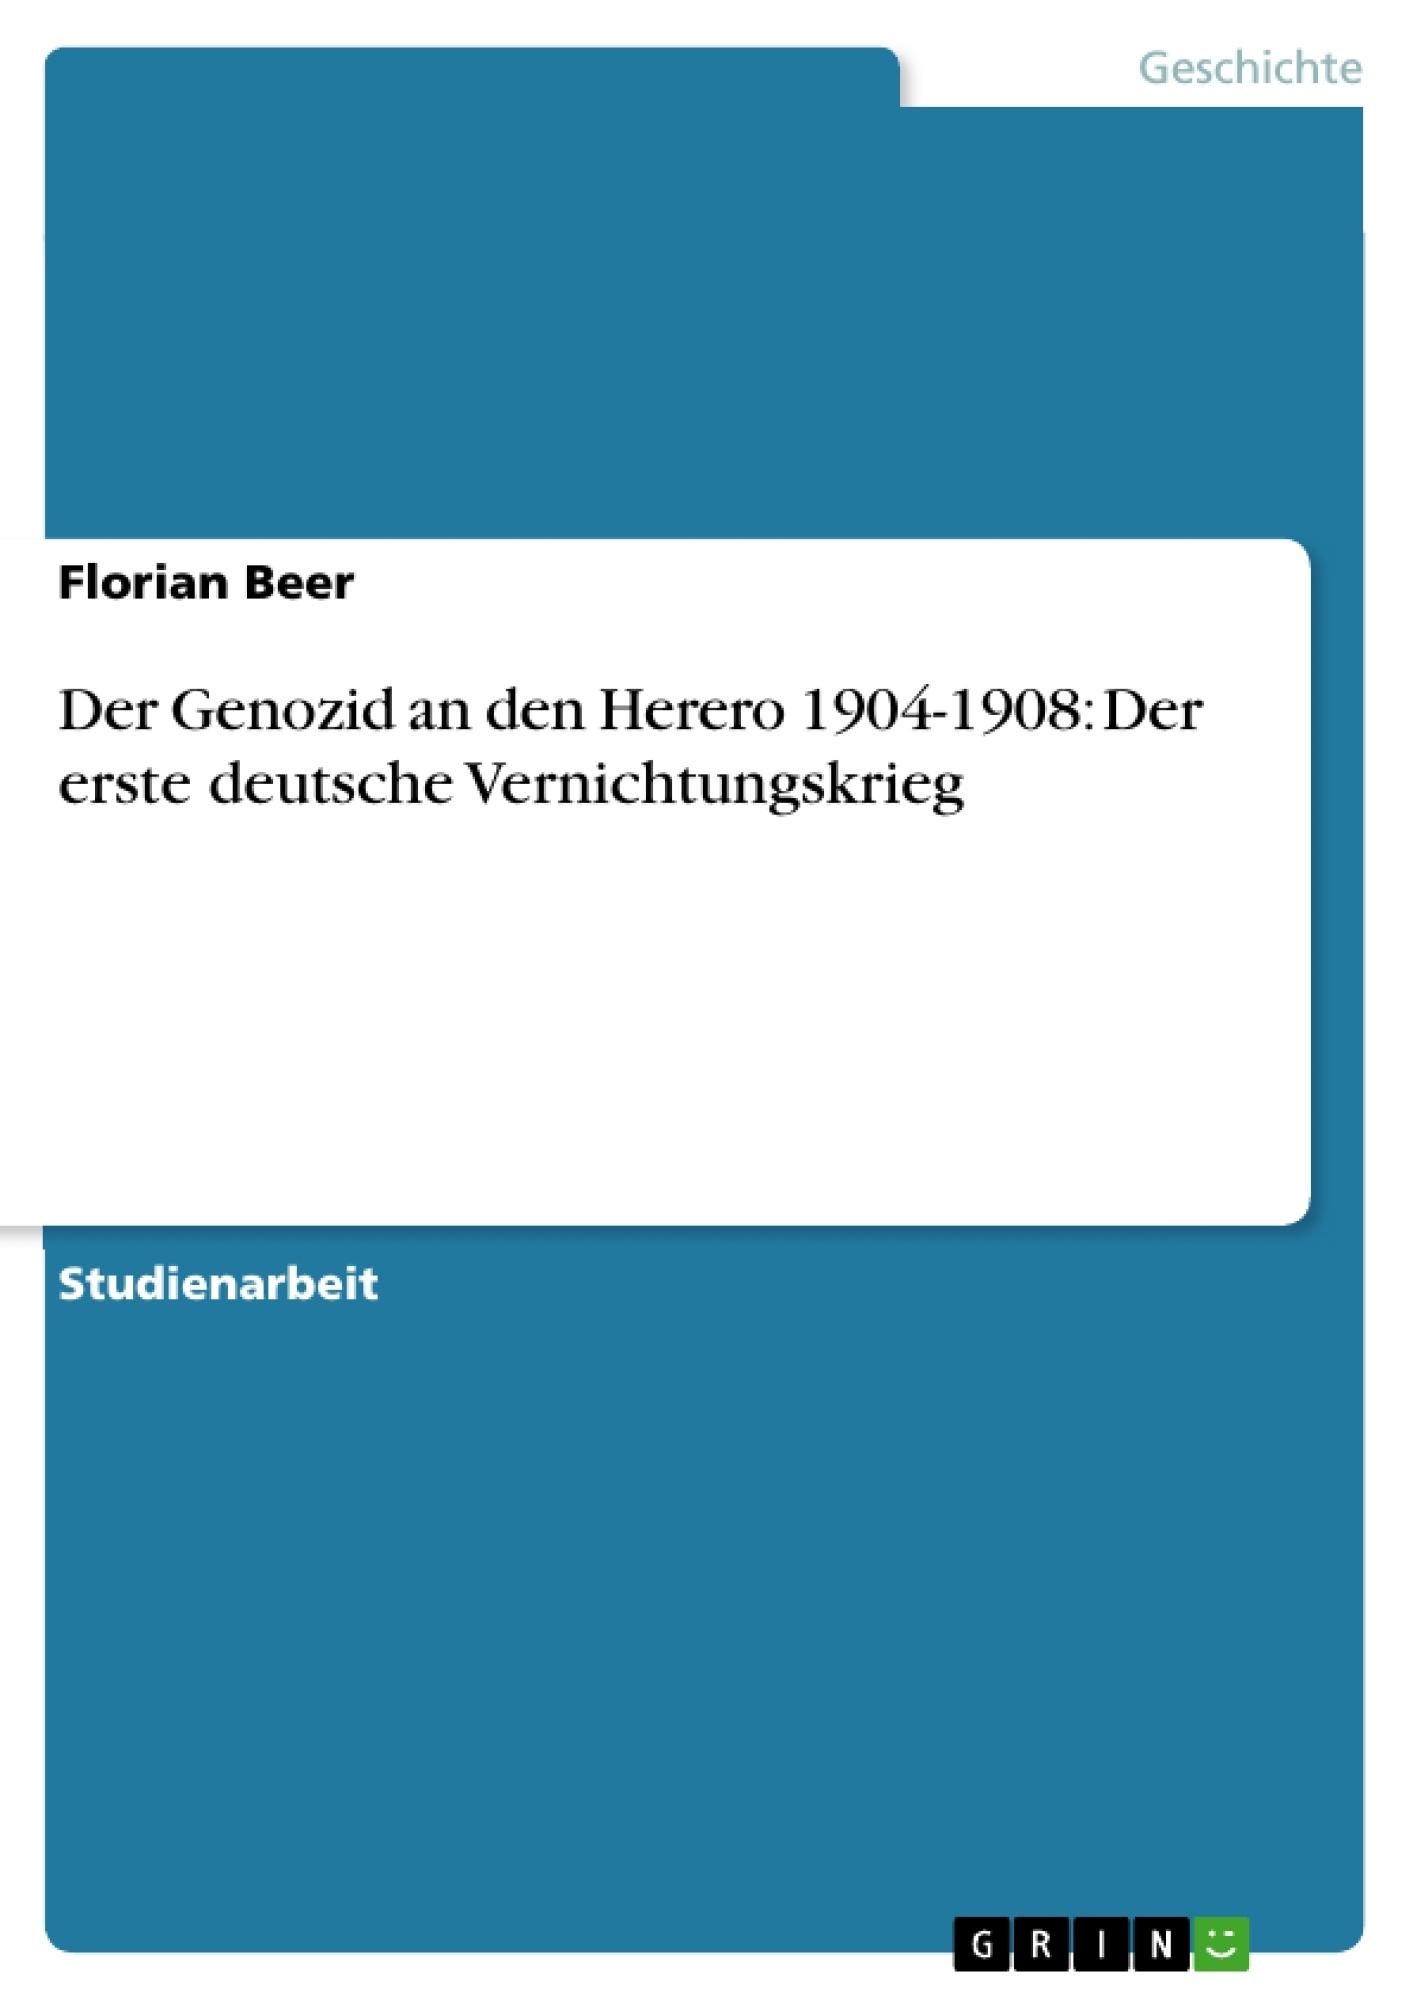 Titel: Der Genozid an den Herero 1904-1908: Der erste deutsche Vernichtungskrieg